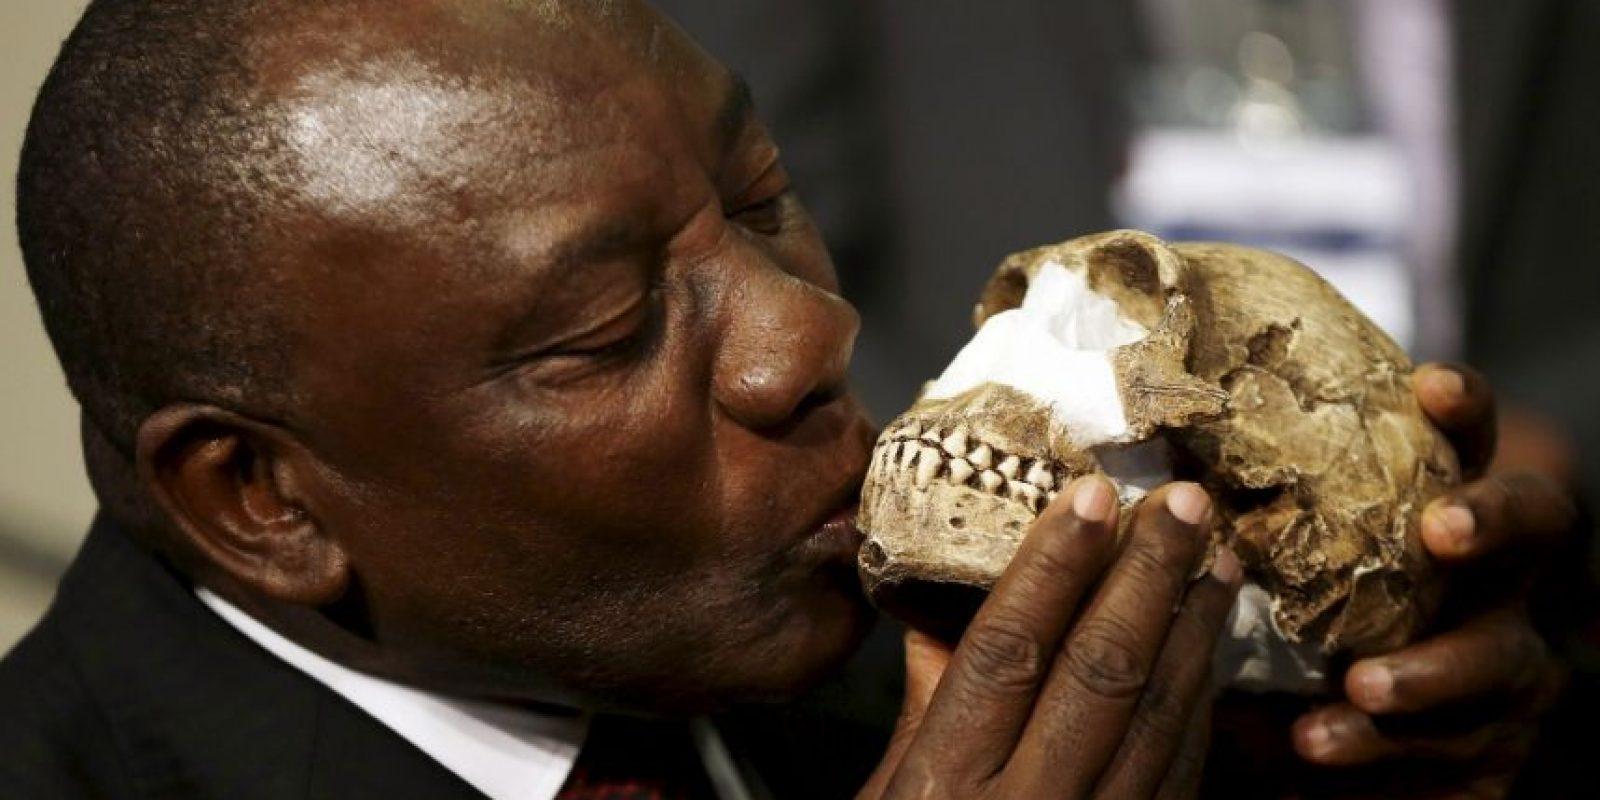 Los expertos aseguran que se trata de una nueva especie humana. Foto:AP